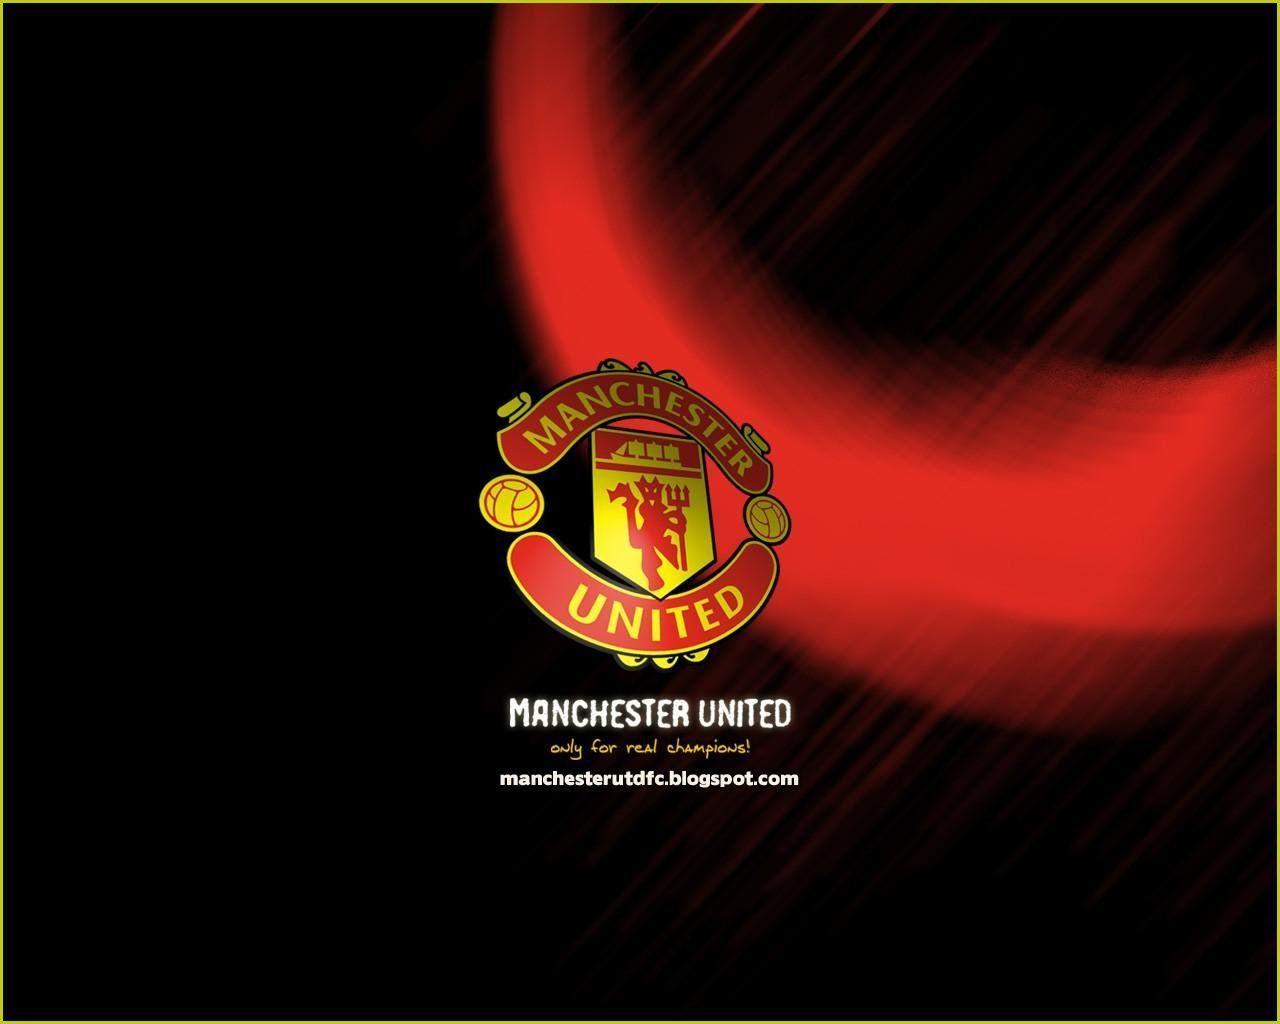 Man Utd 3d Wallpaper Manchester United Wallpapers 3d 2015 Wallpaper Cave